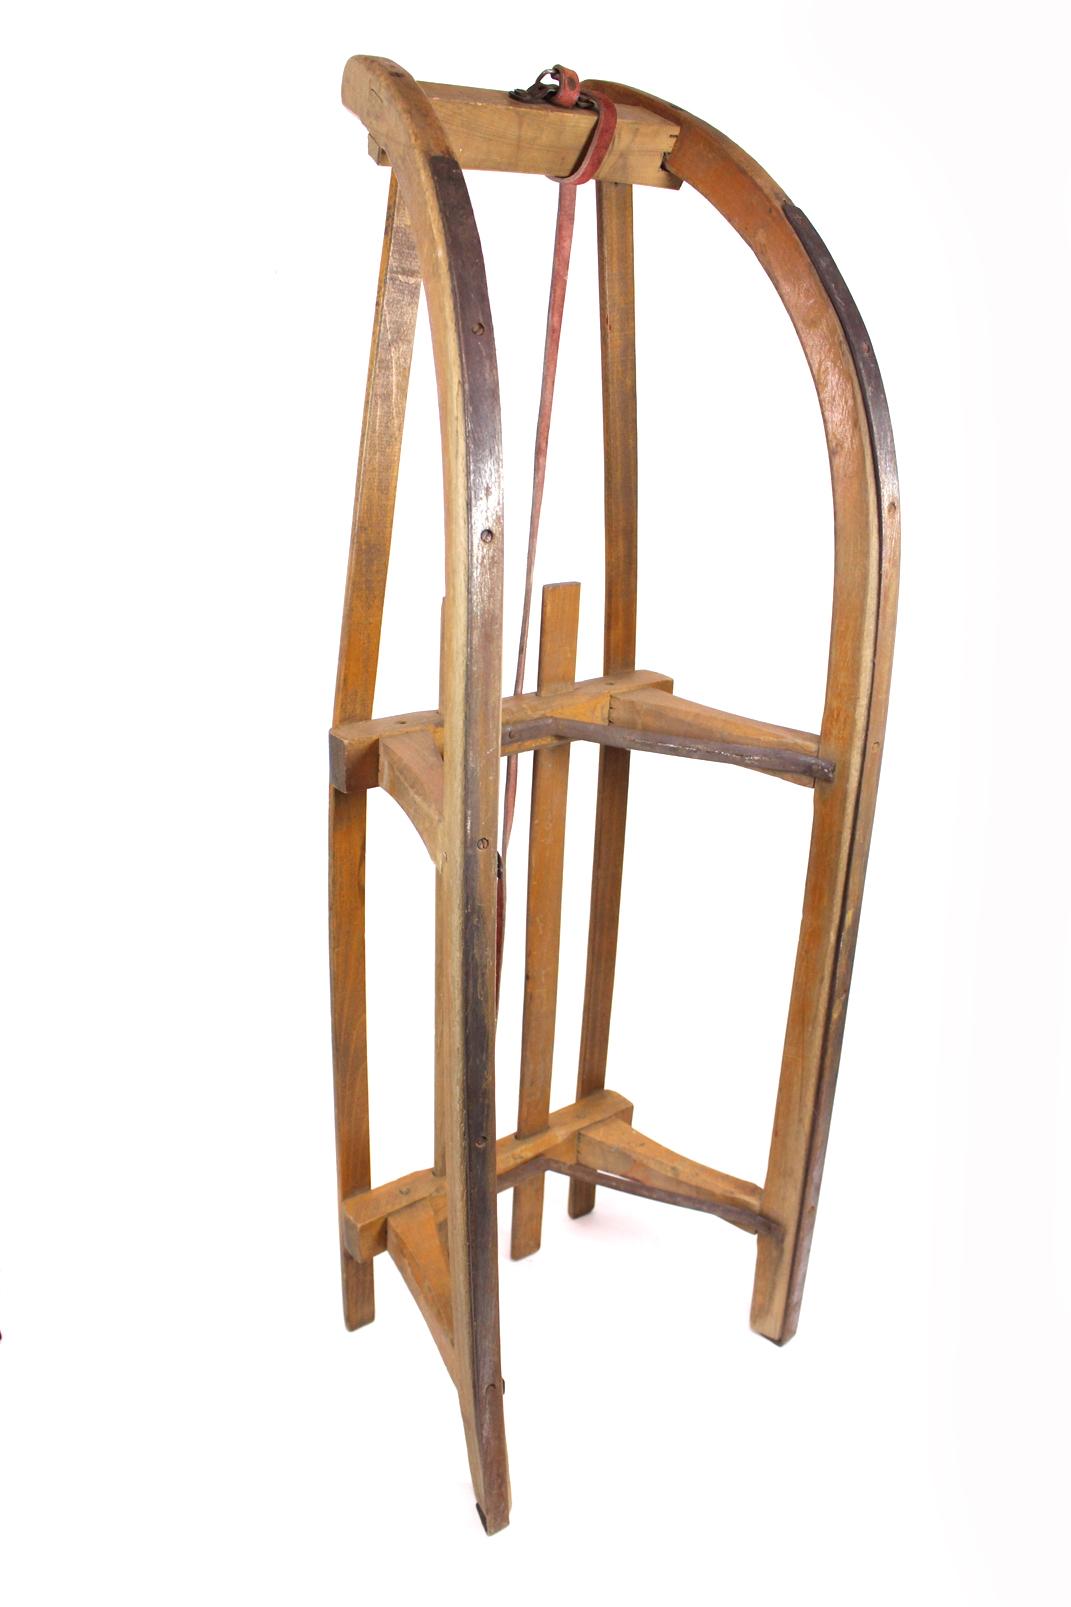 alter holzschlitten 100 cm lang 4 streben holzrodel rodel. Black Bedroom Furniture Sets. Home Design Ideas